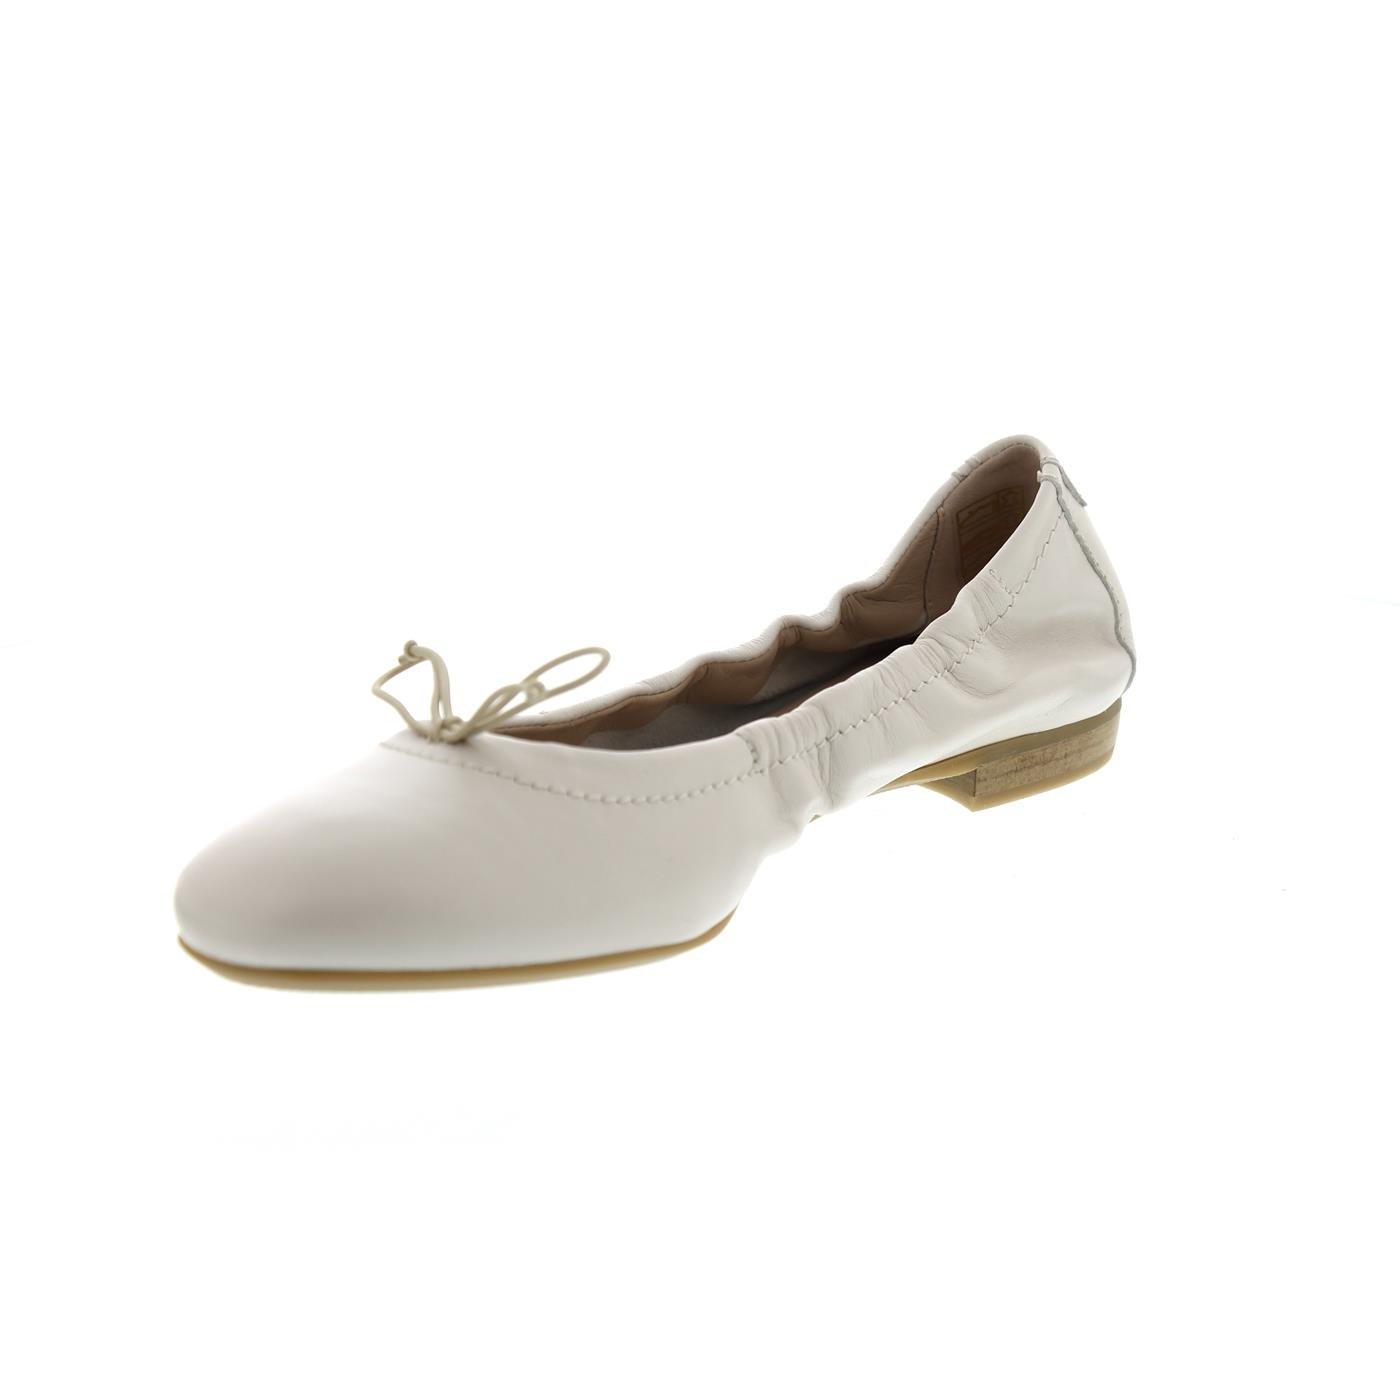 Damenschuhe Carolina Ballerina, Dream Calce Calce Dream Jil (Glattleder), 37.170.170-014 fdc5a1